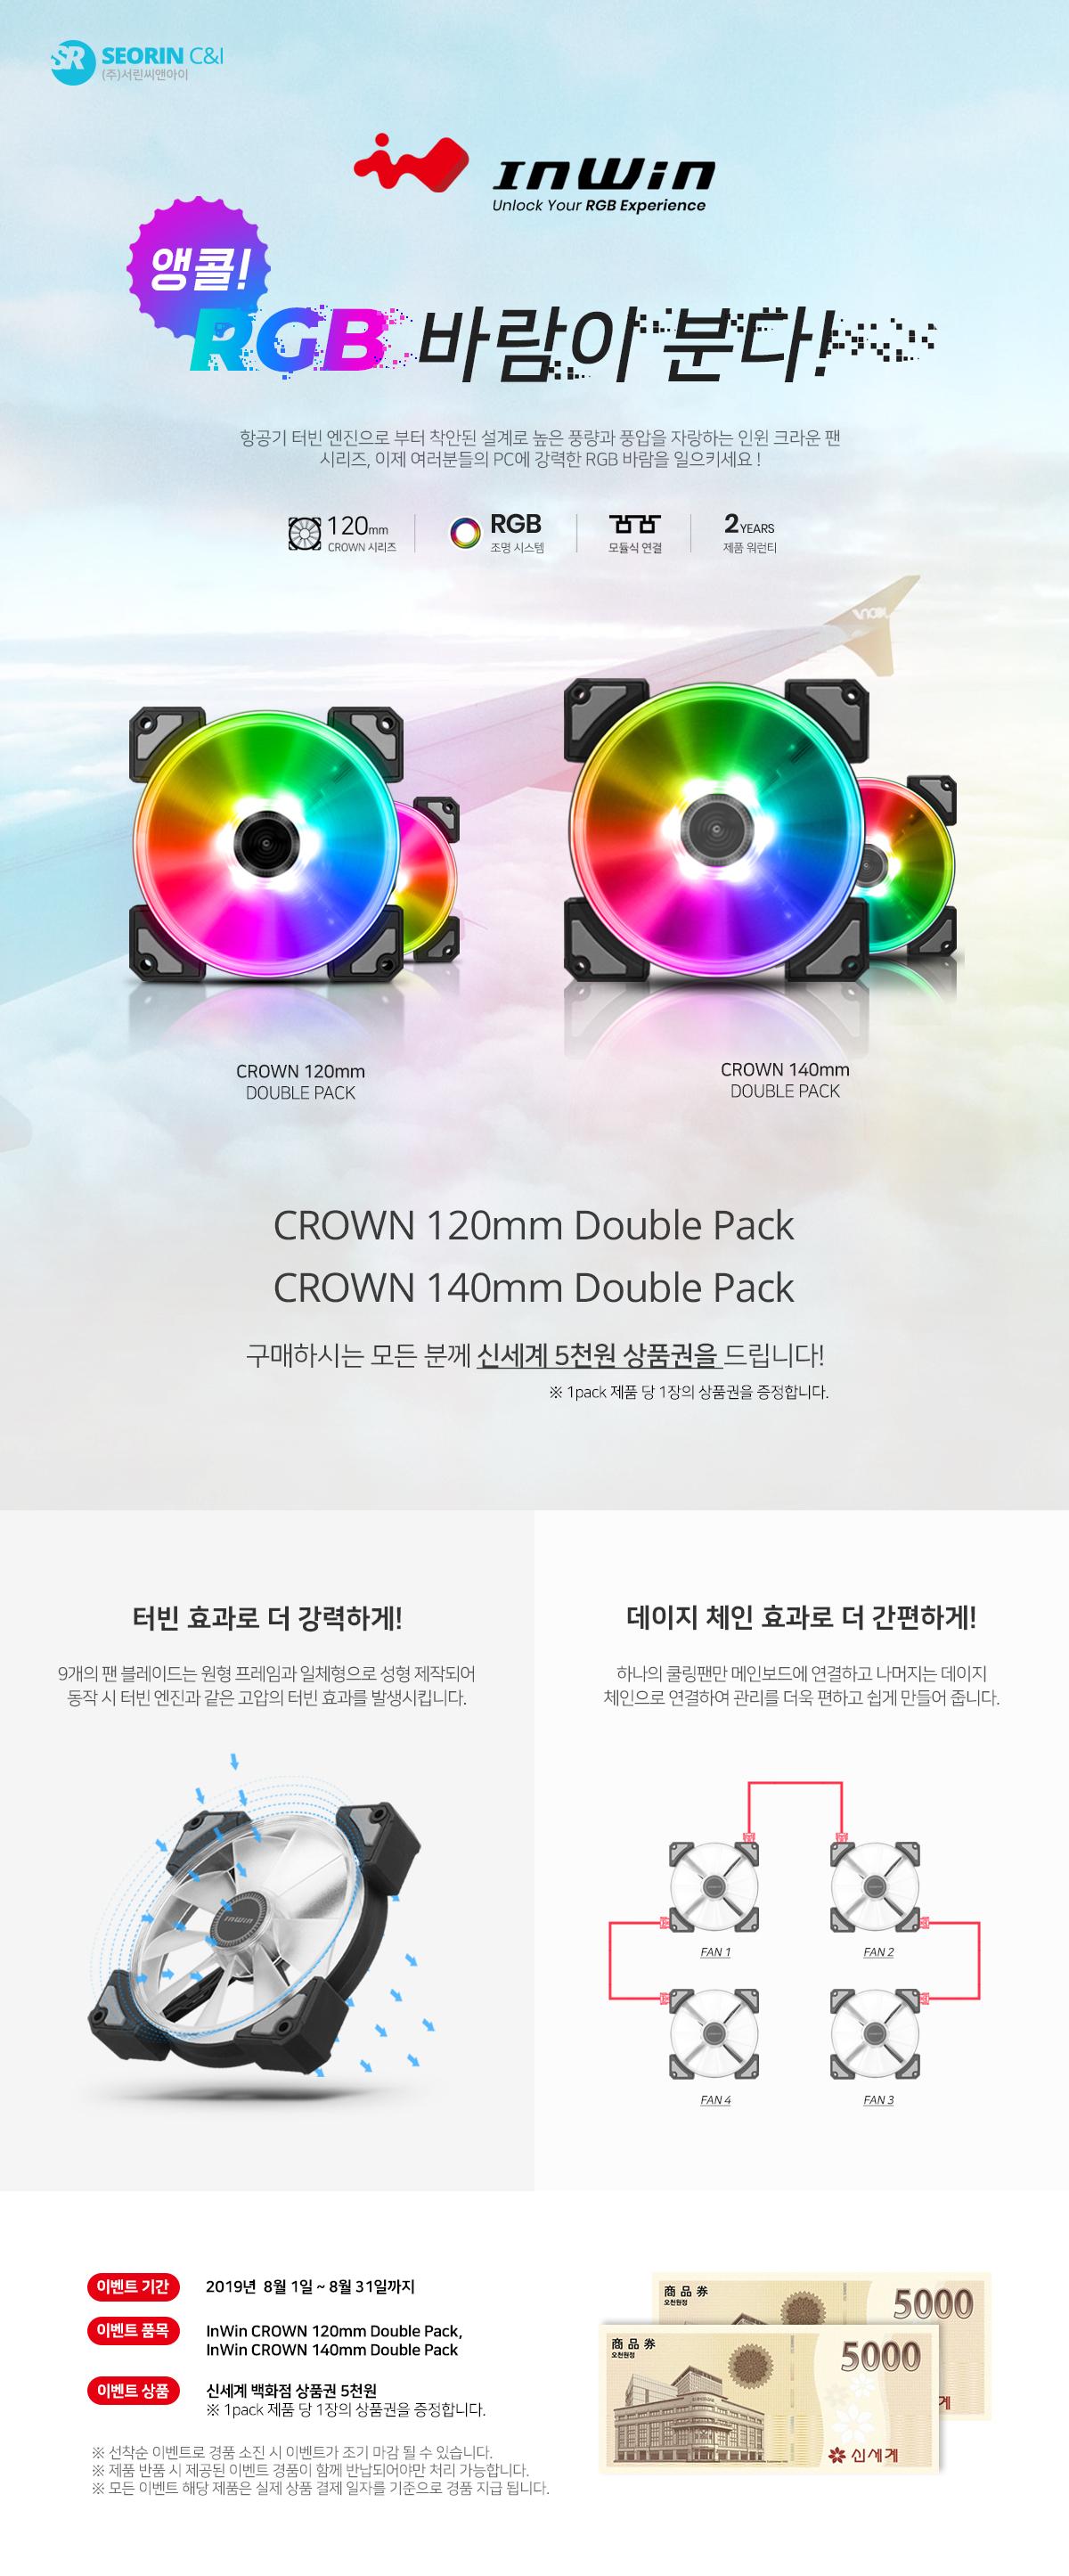 인윈 크라운 팬 구매자 대상 신세계 상품권 증정 이벤트 !!